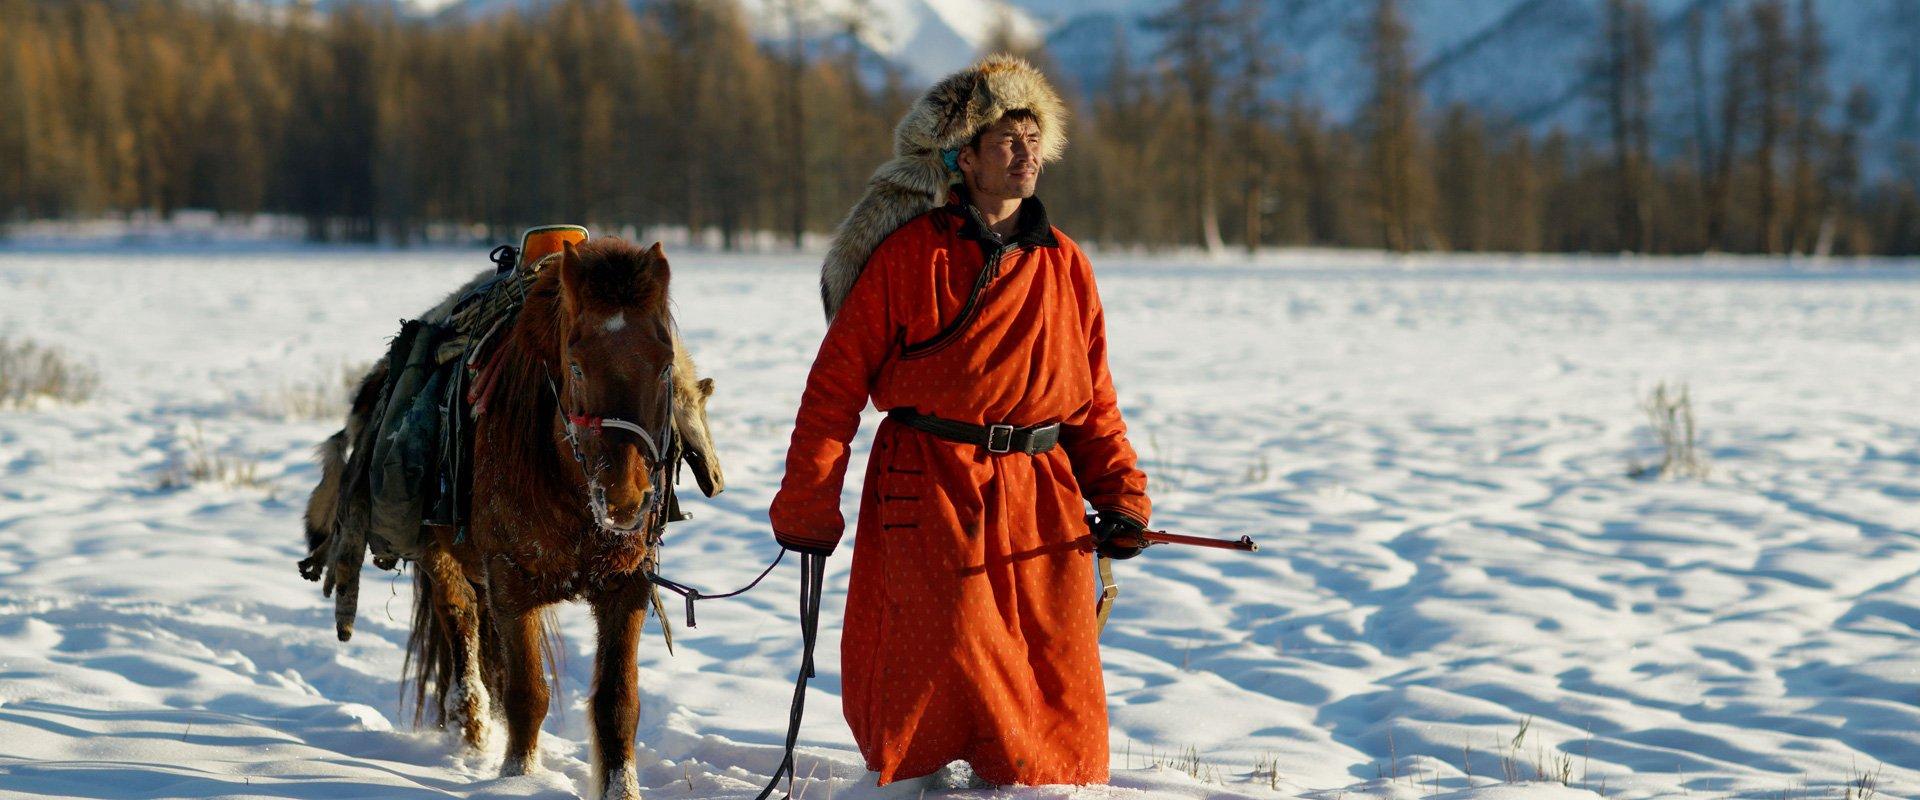 vimff feature film horse tamer title bg